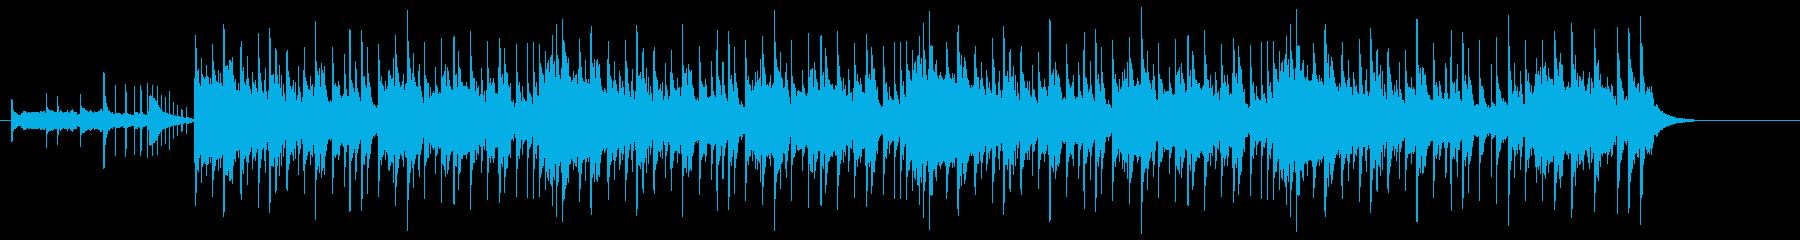 和楽器を多用した戦闘曲の再生済みの波形